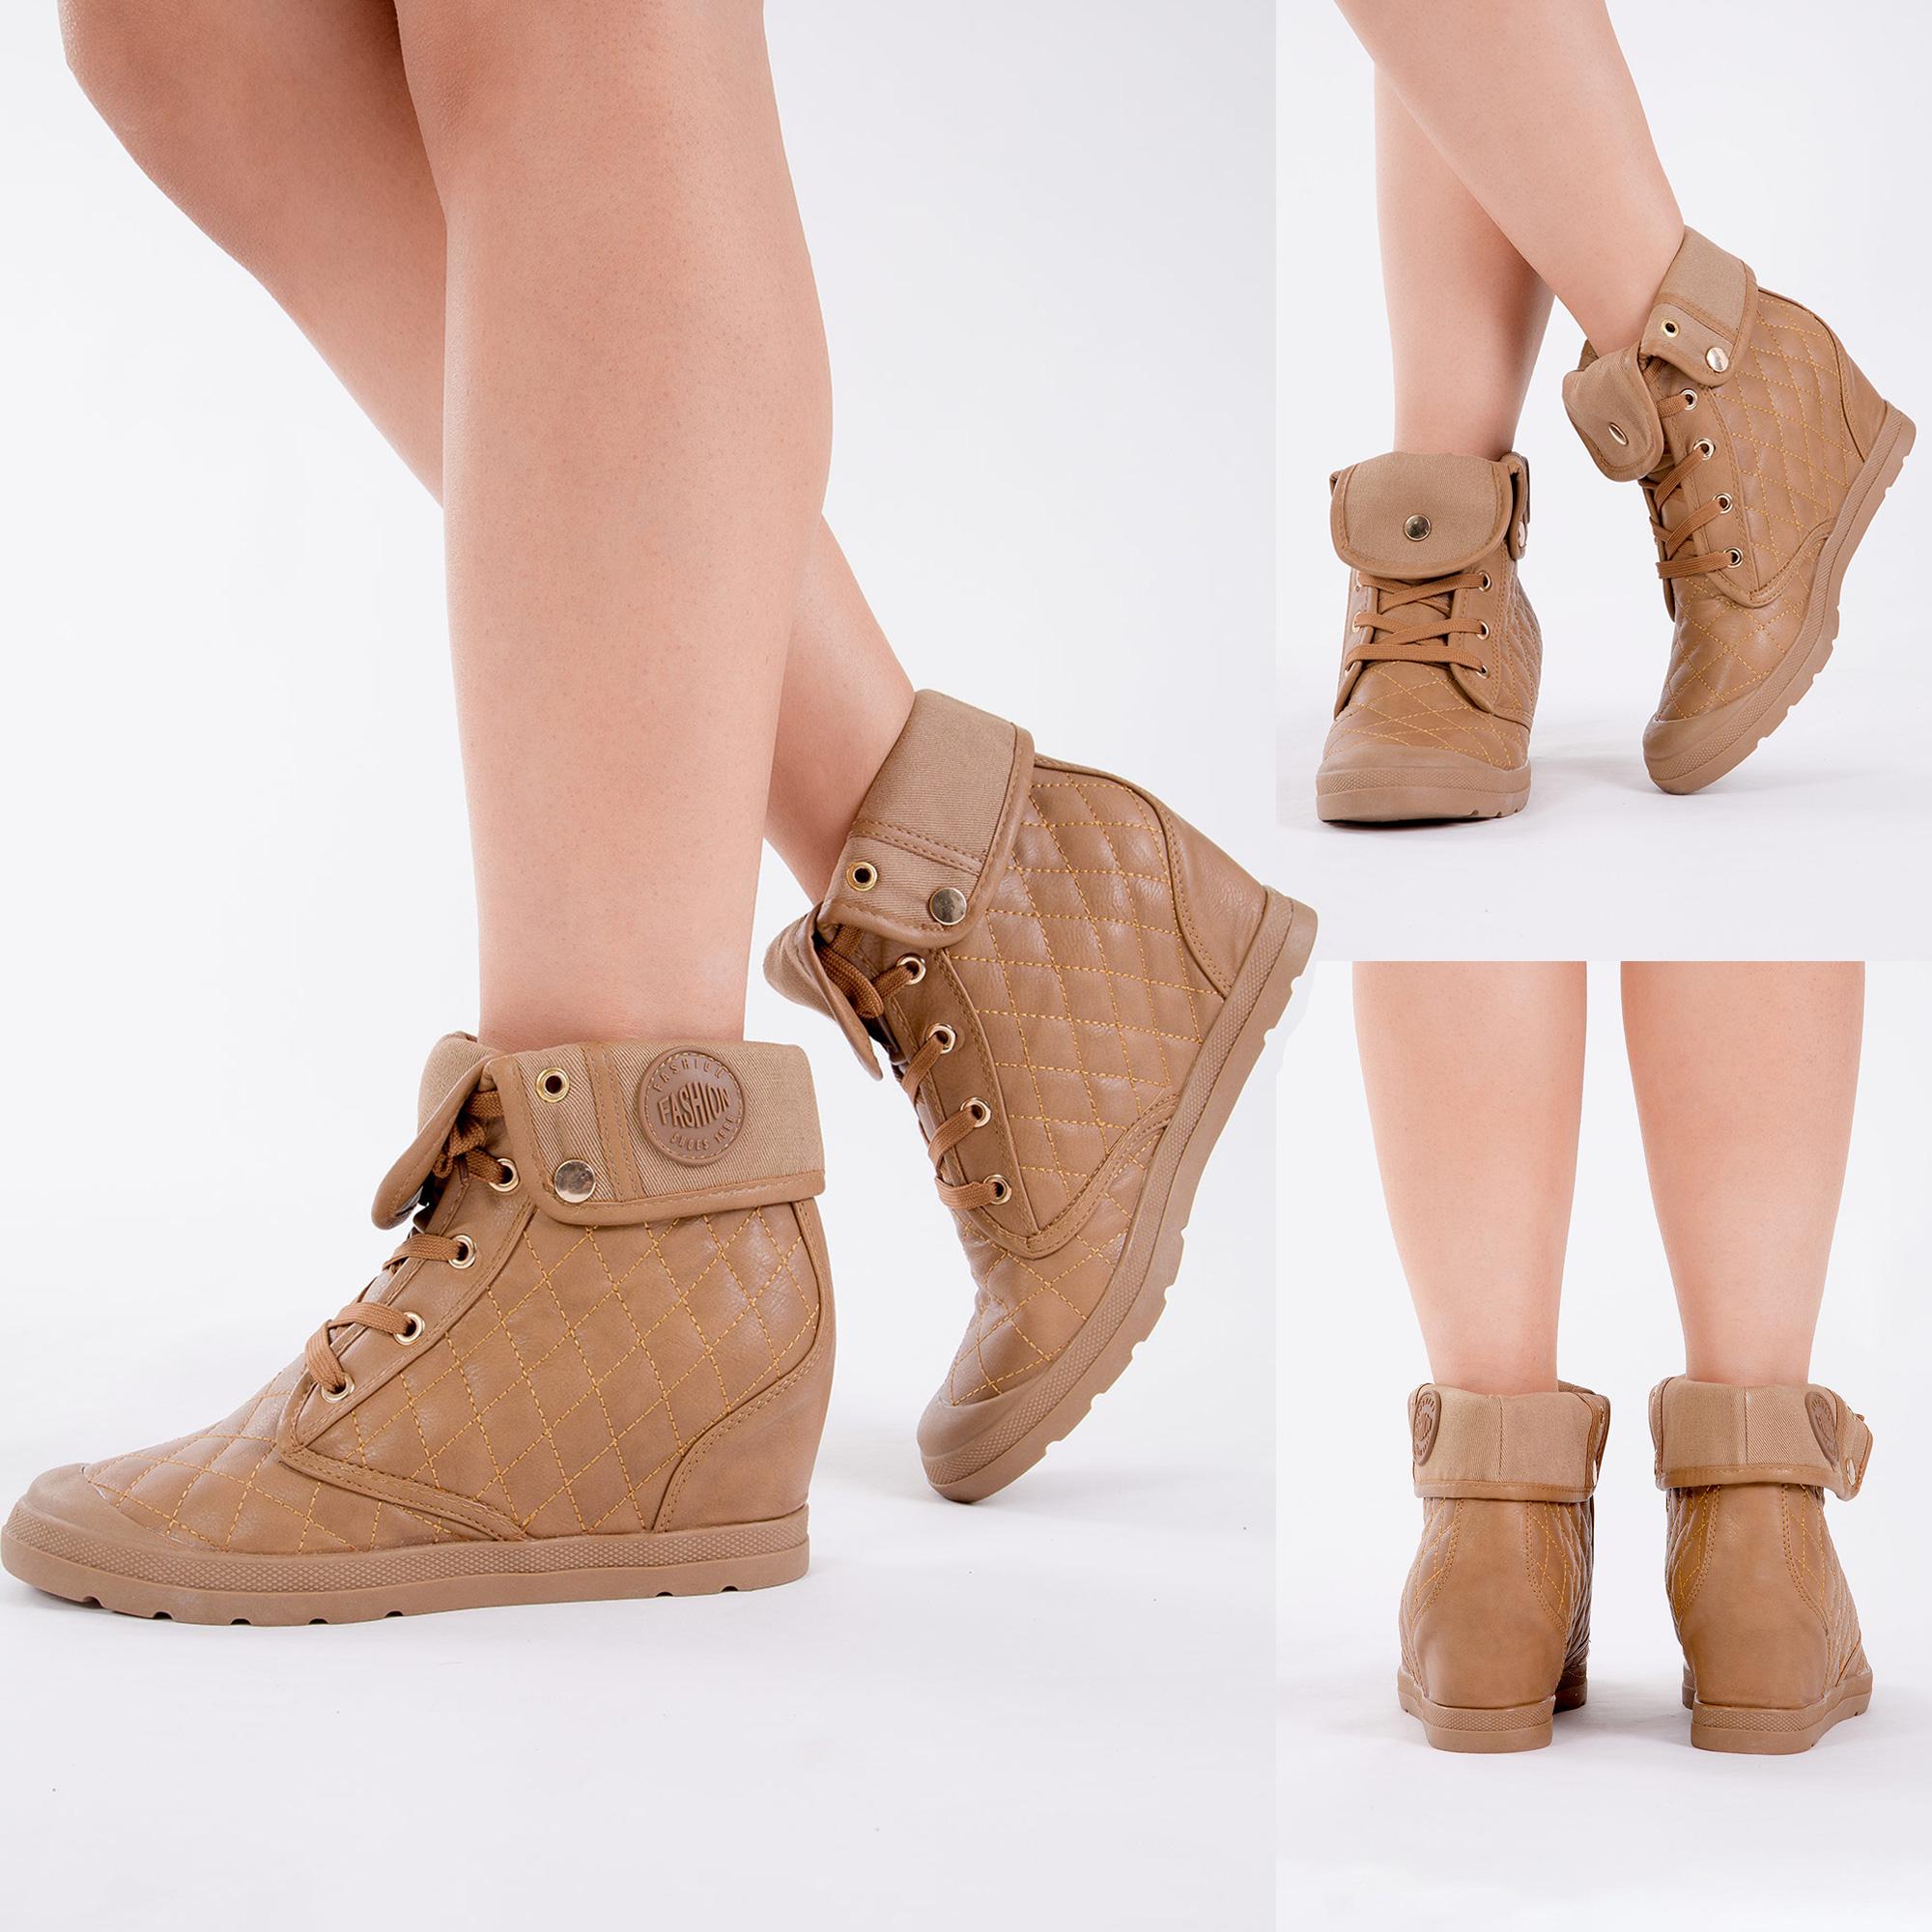 Mujer Tacón Con Plataforma Oculta Alta Tops Zapatillas Damas Botas Hasta el Tobillo Zapatos Plataforma